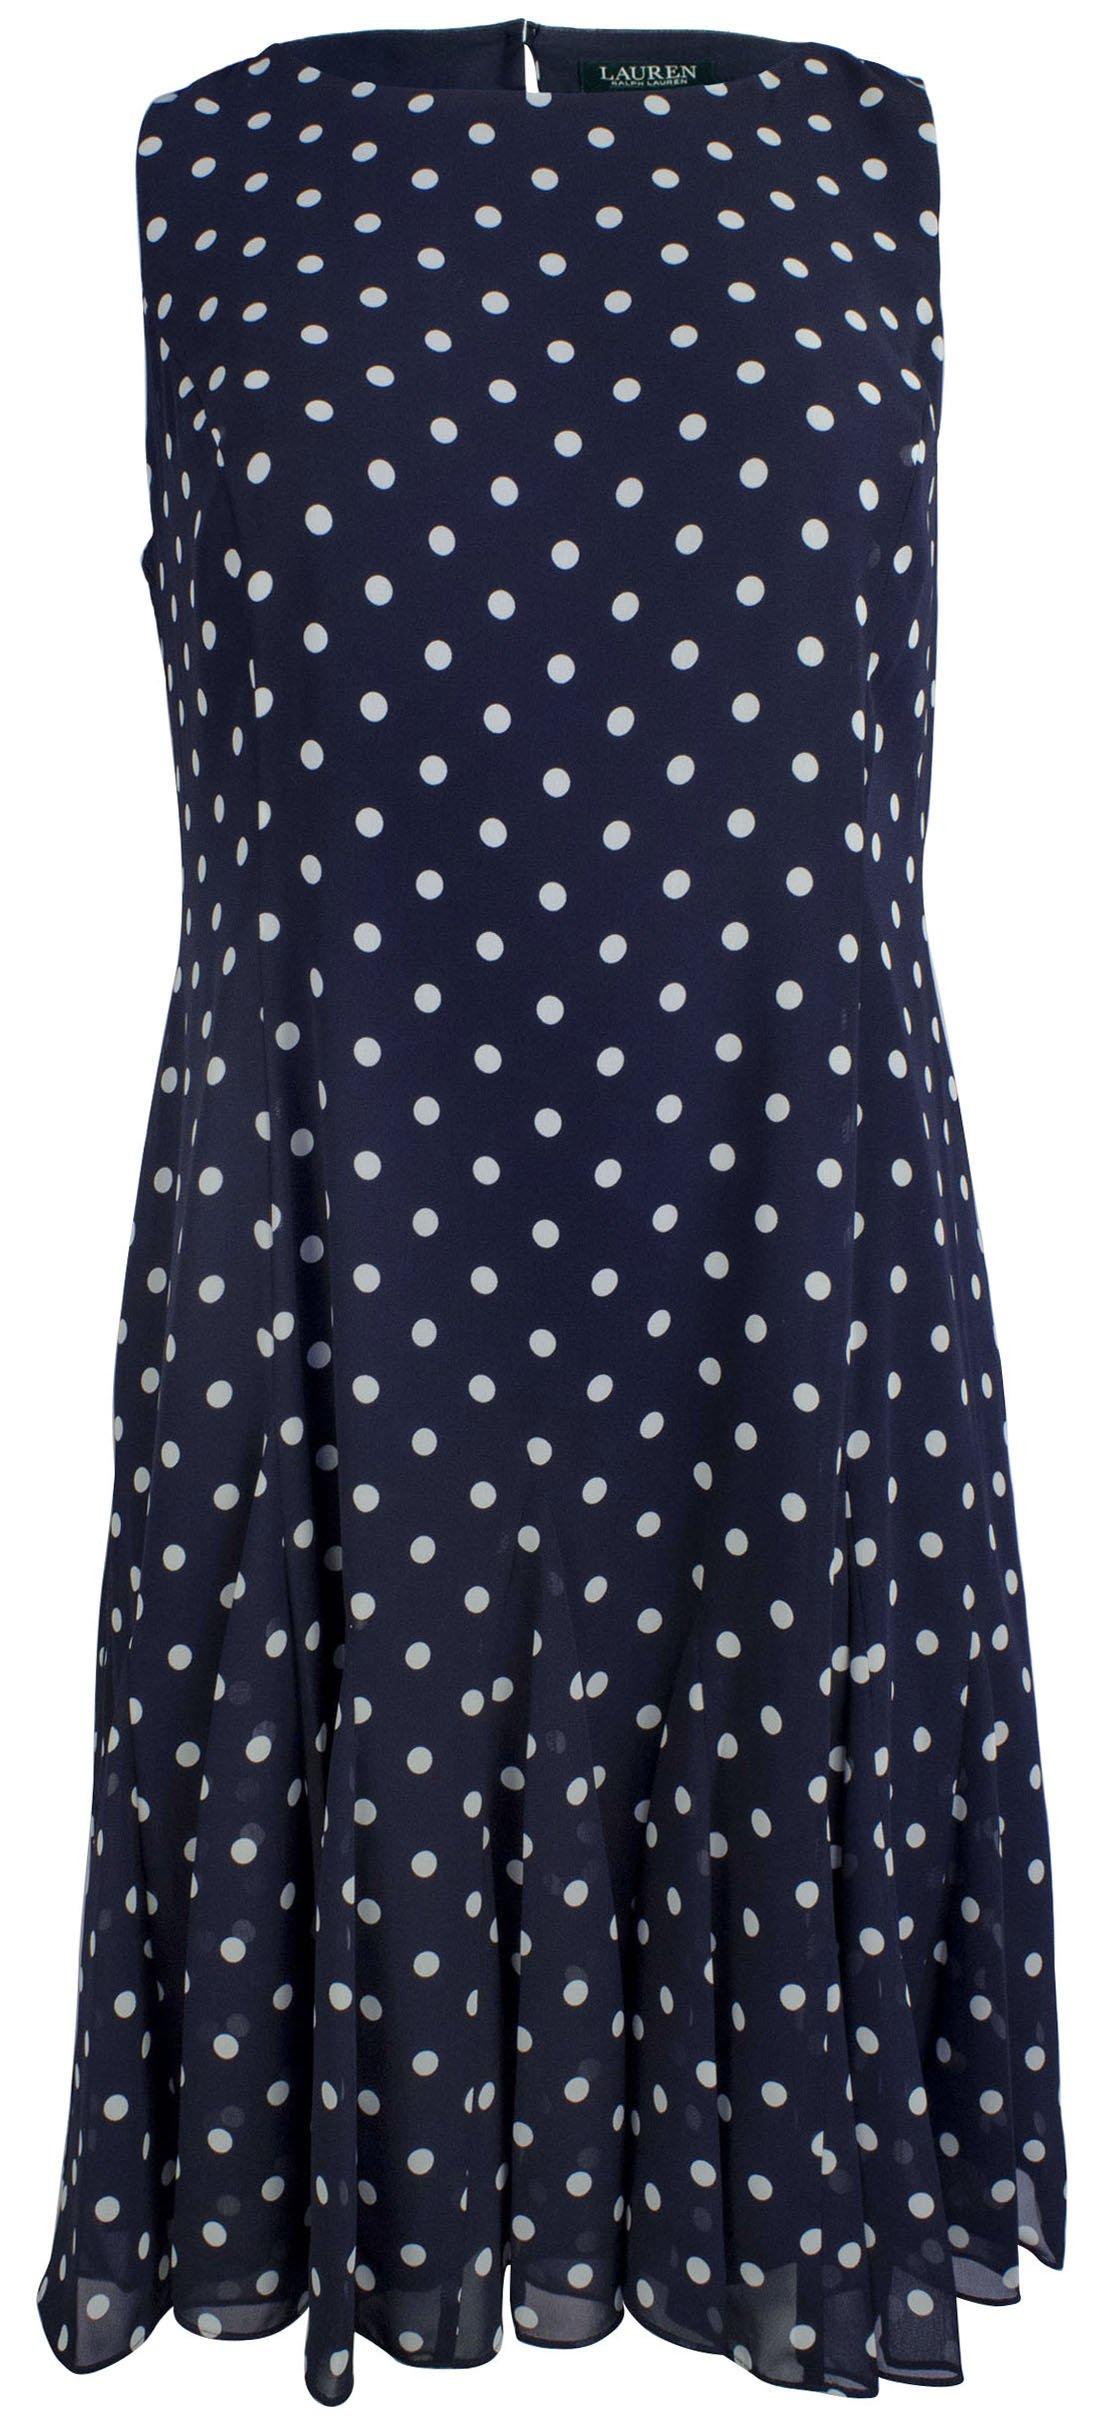 RALPH LAUREN Women's Plus Size Polka Dot Georgette Dress-LN-18W